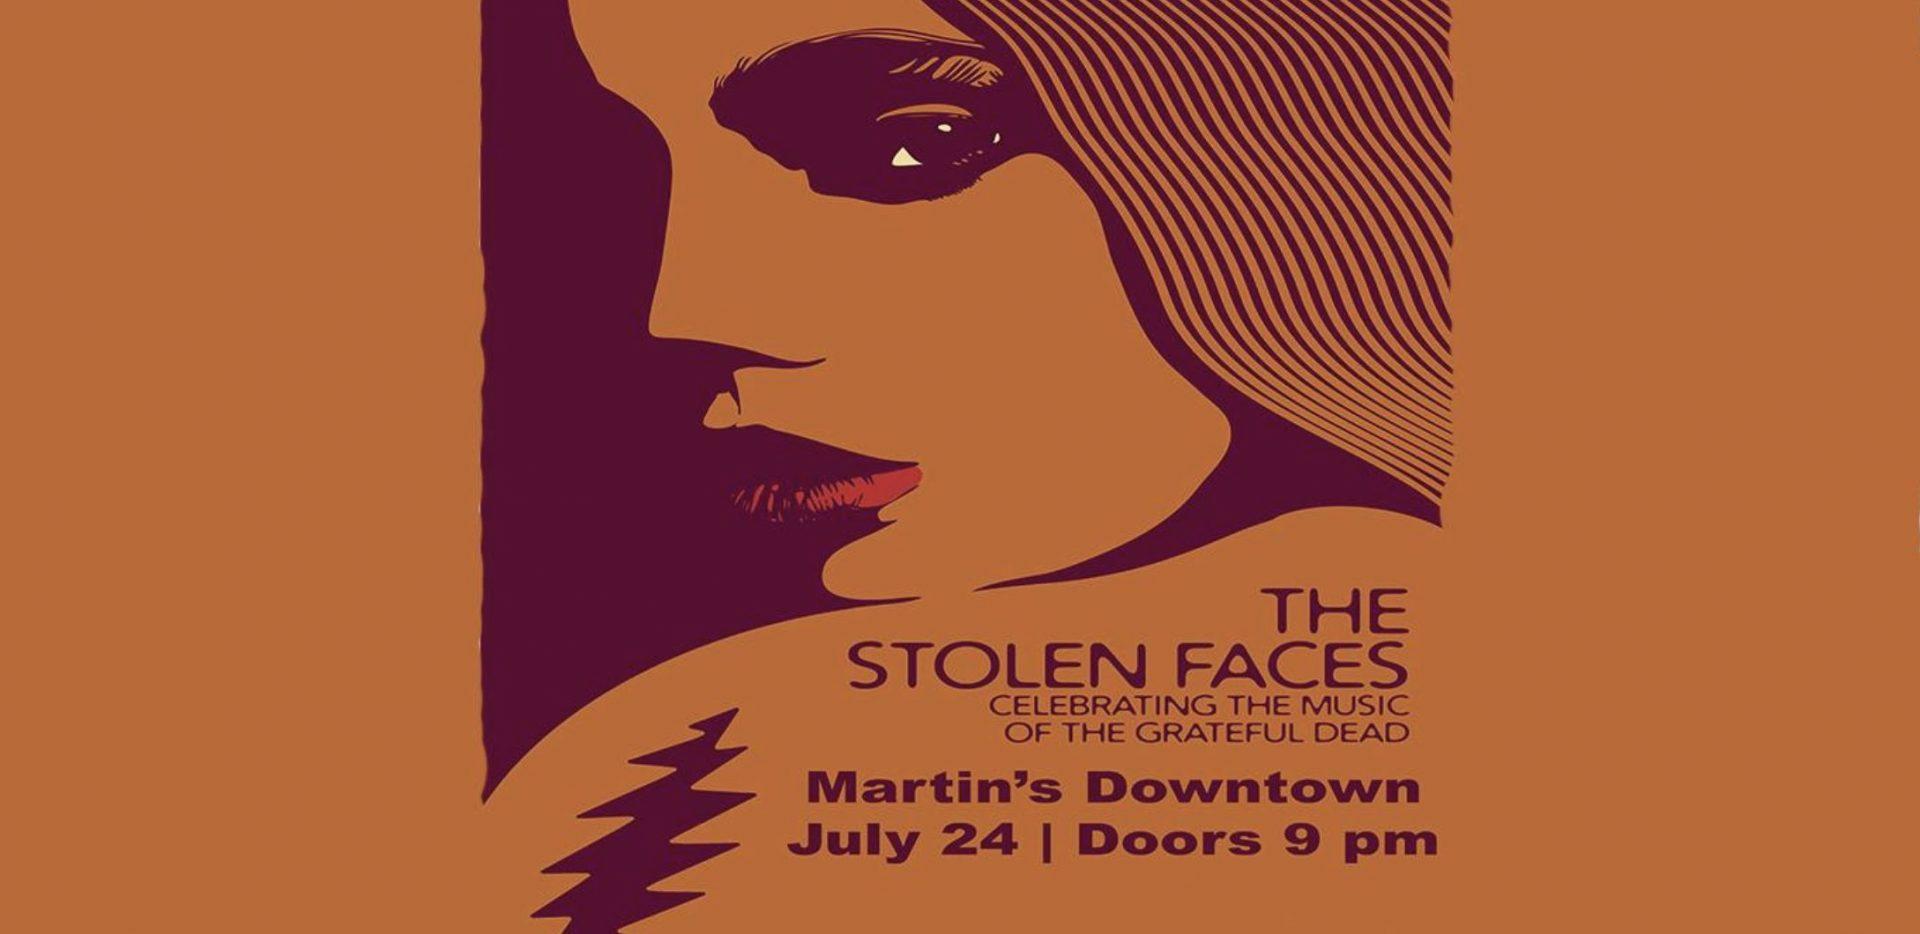 LIVE MUSIC: The Stolen Faces